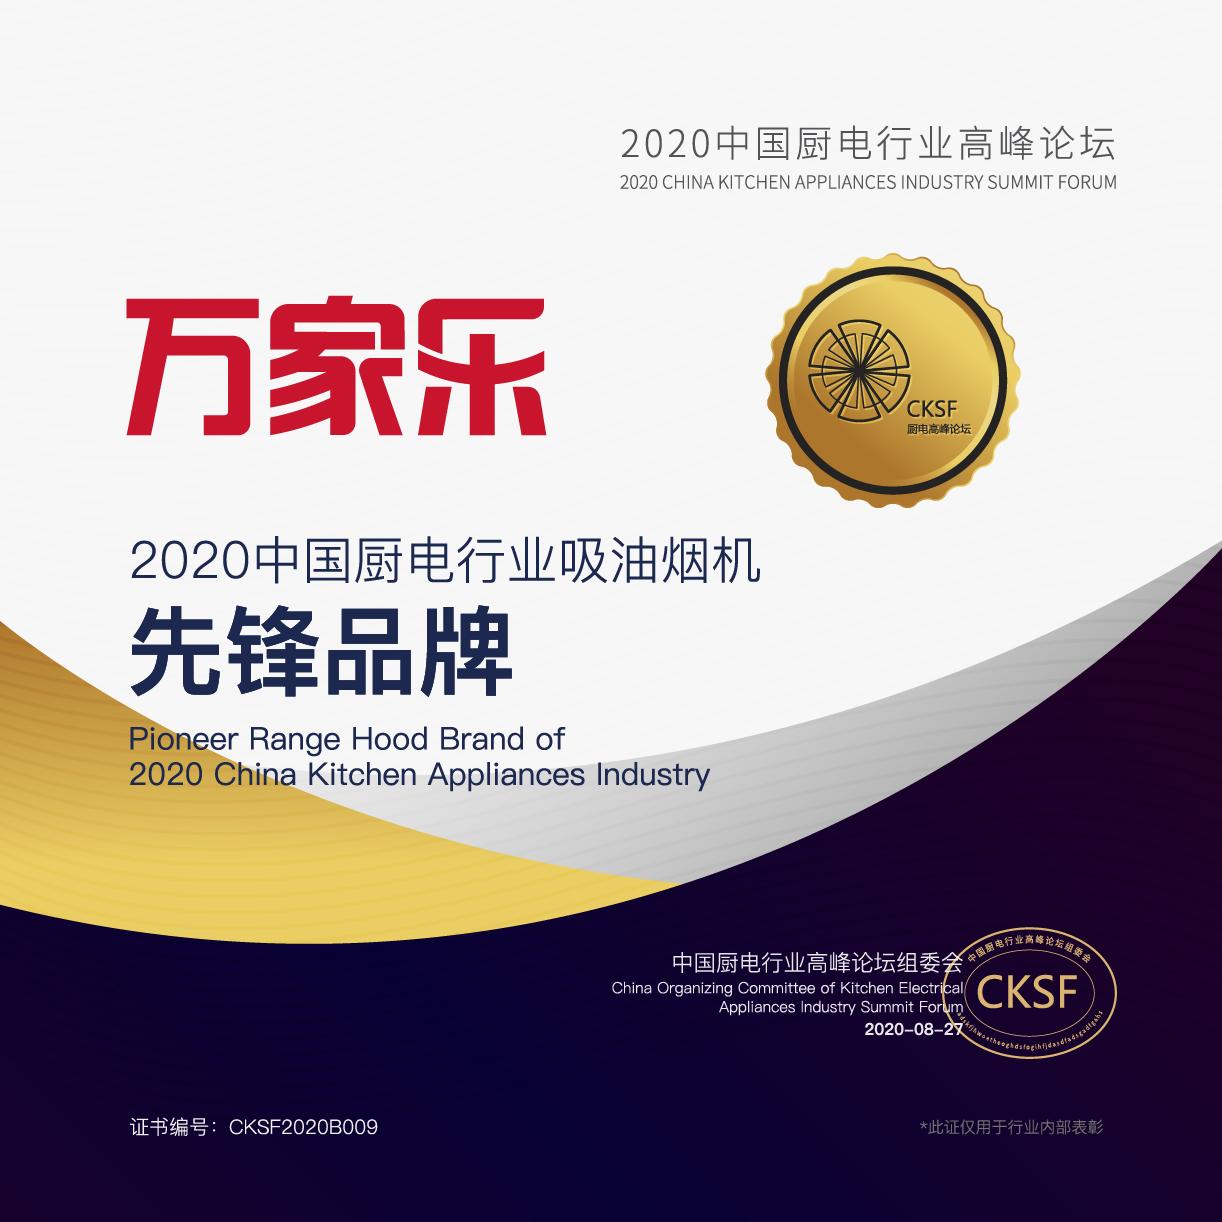 2020中国厨电行业高峰论坛举行,万家乐获三项大奖